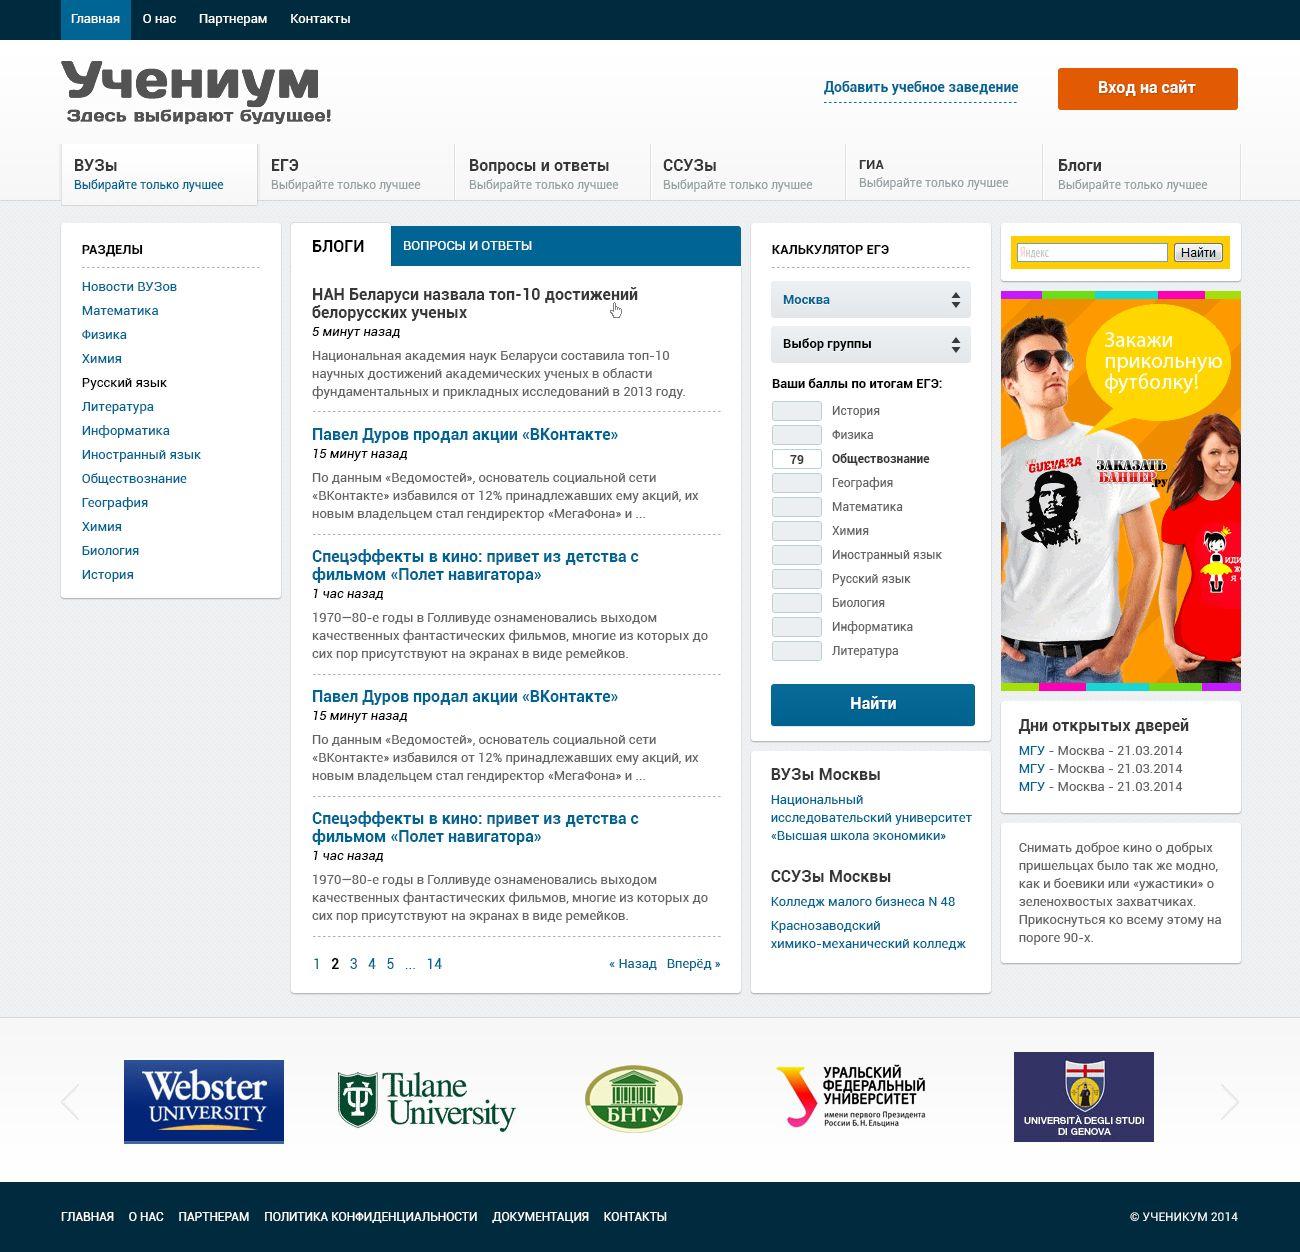 Дизайн для информационного сайта - дизайнер qwerty_1